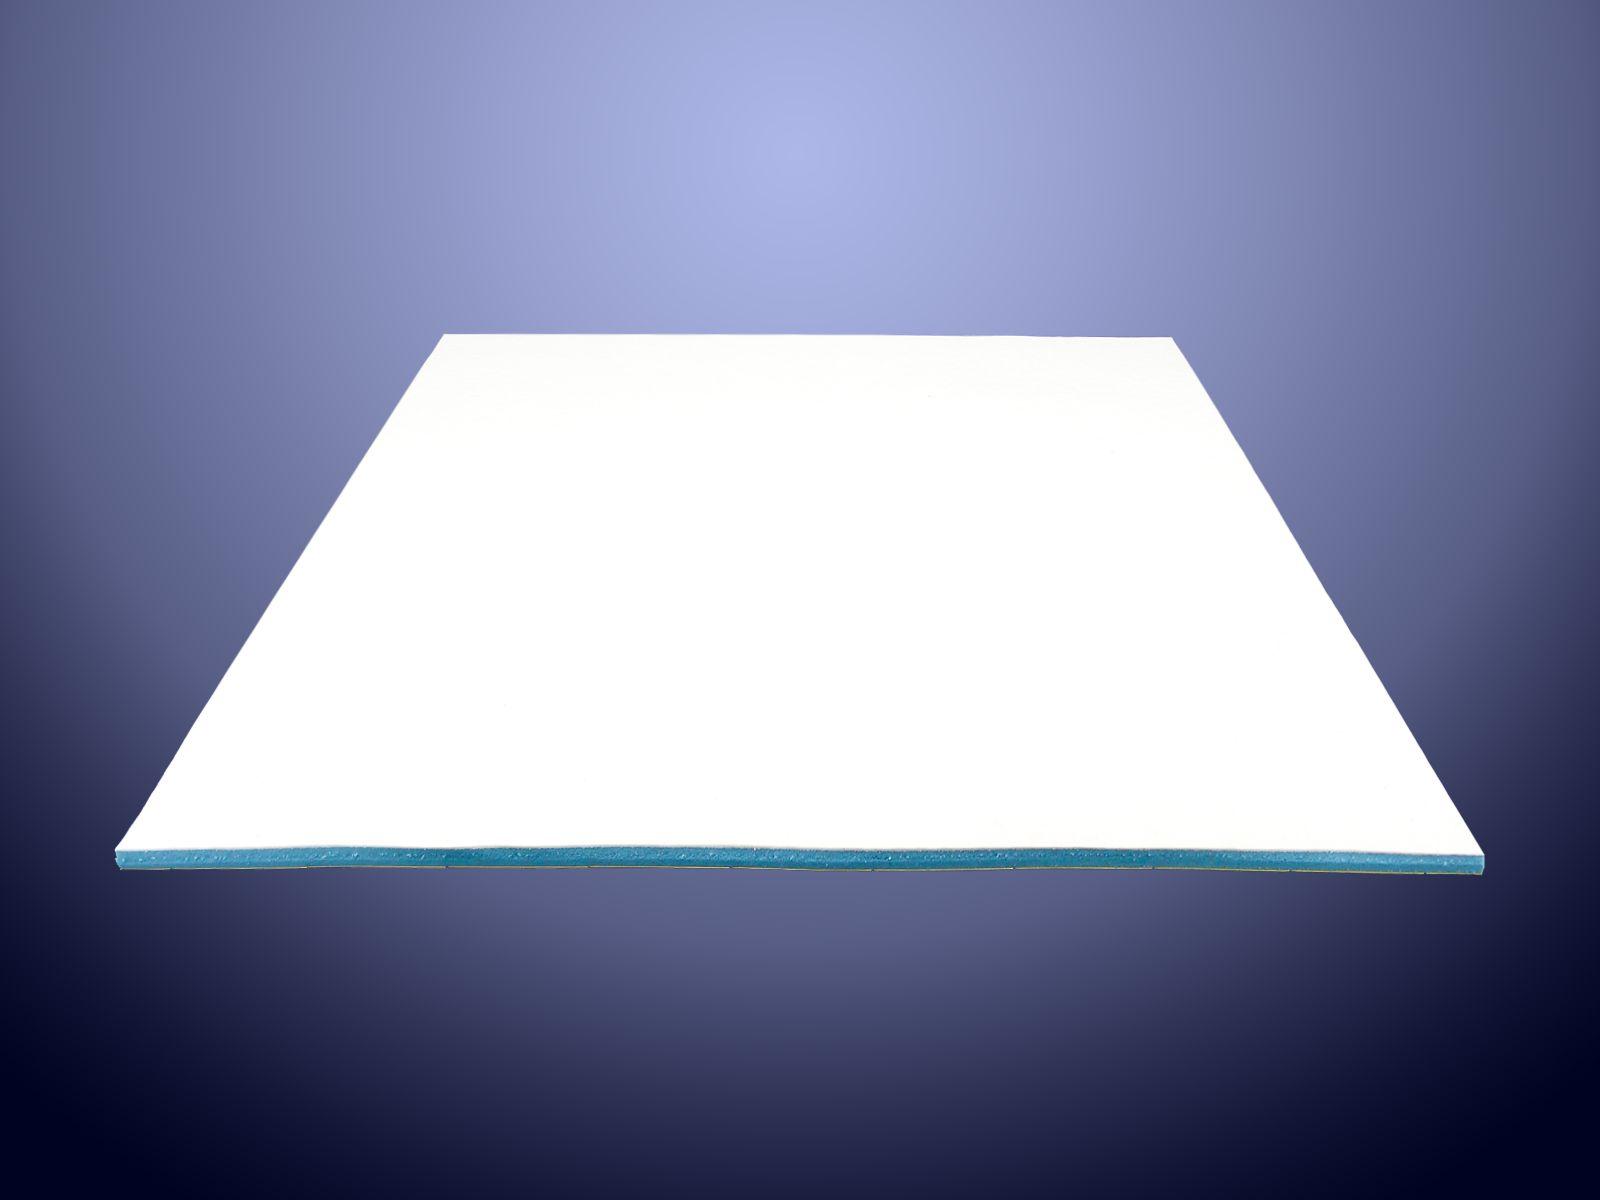 Lastra in PU Sylomer azzurro con base adesiva e spalmatura di silicone bianco sul dorso